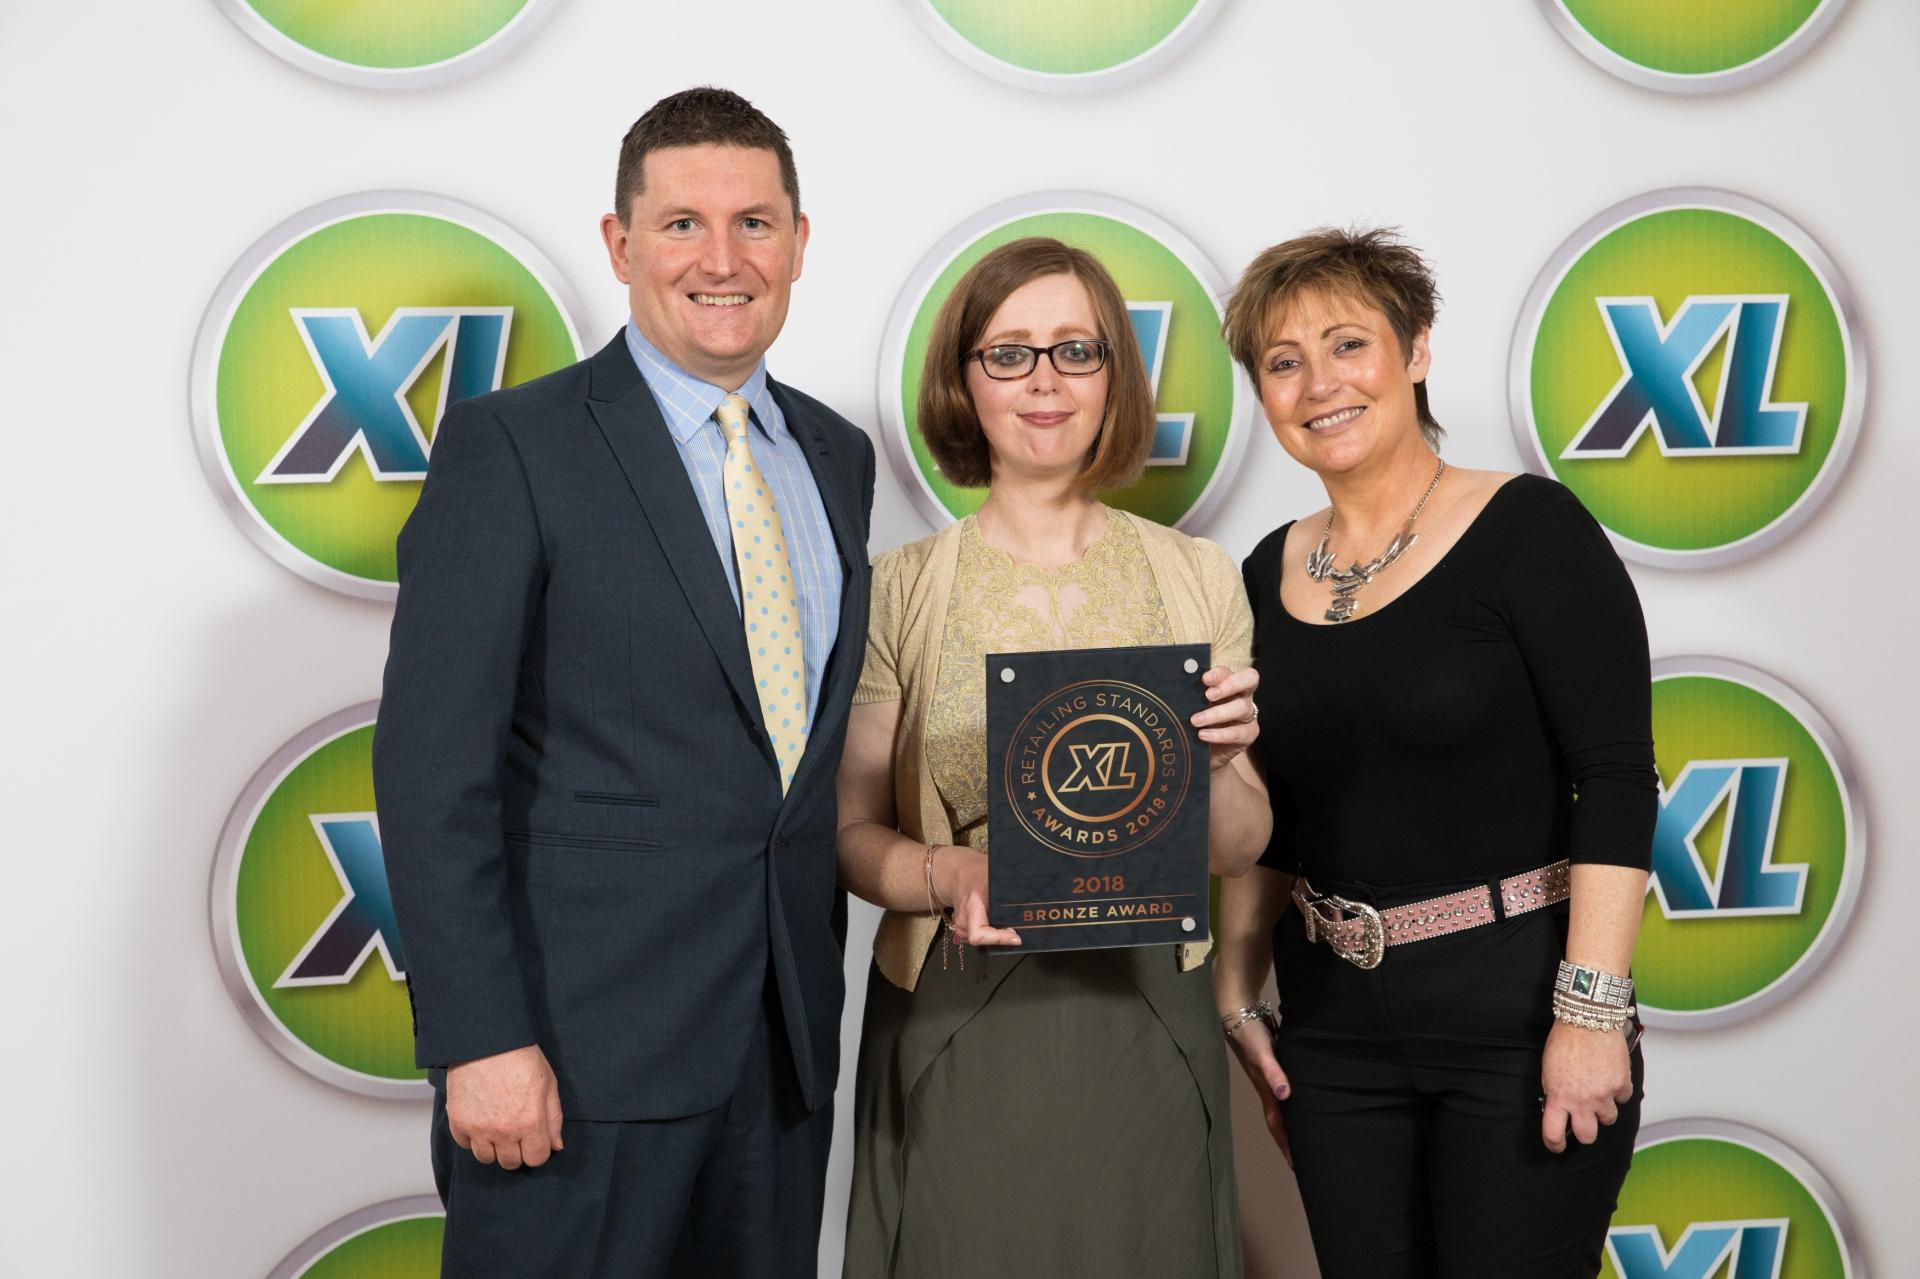 Tipperary XL awards Carrick